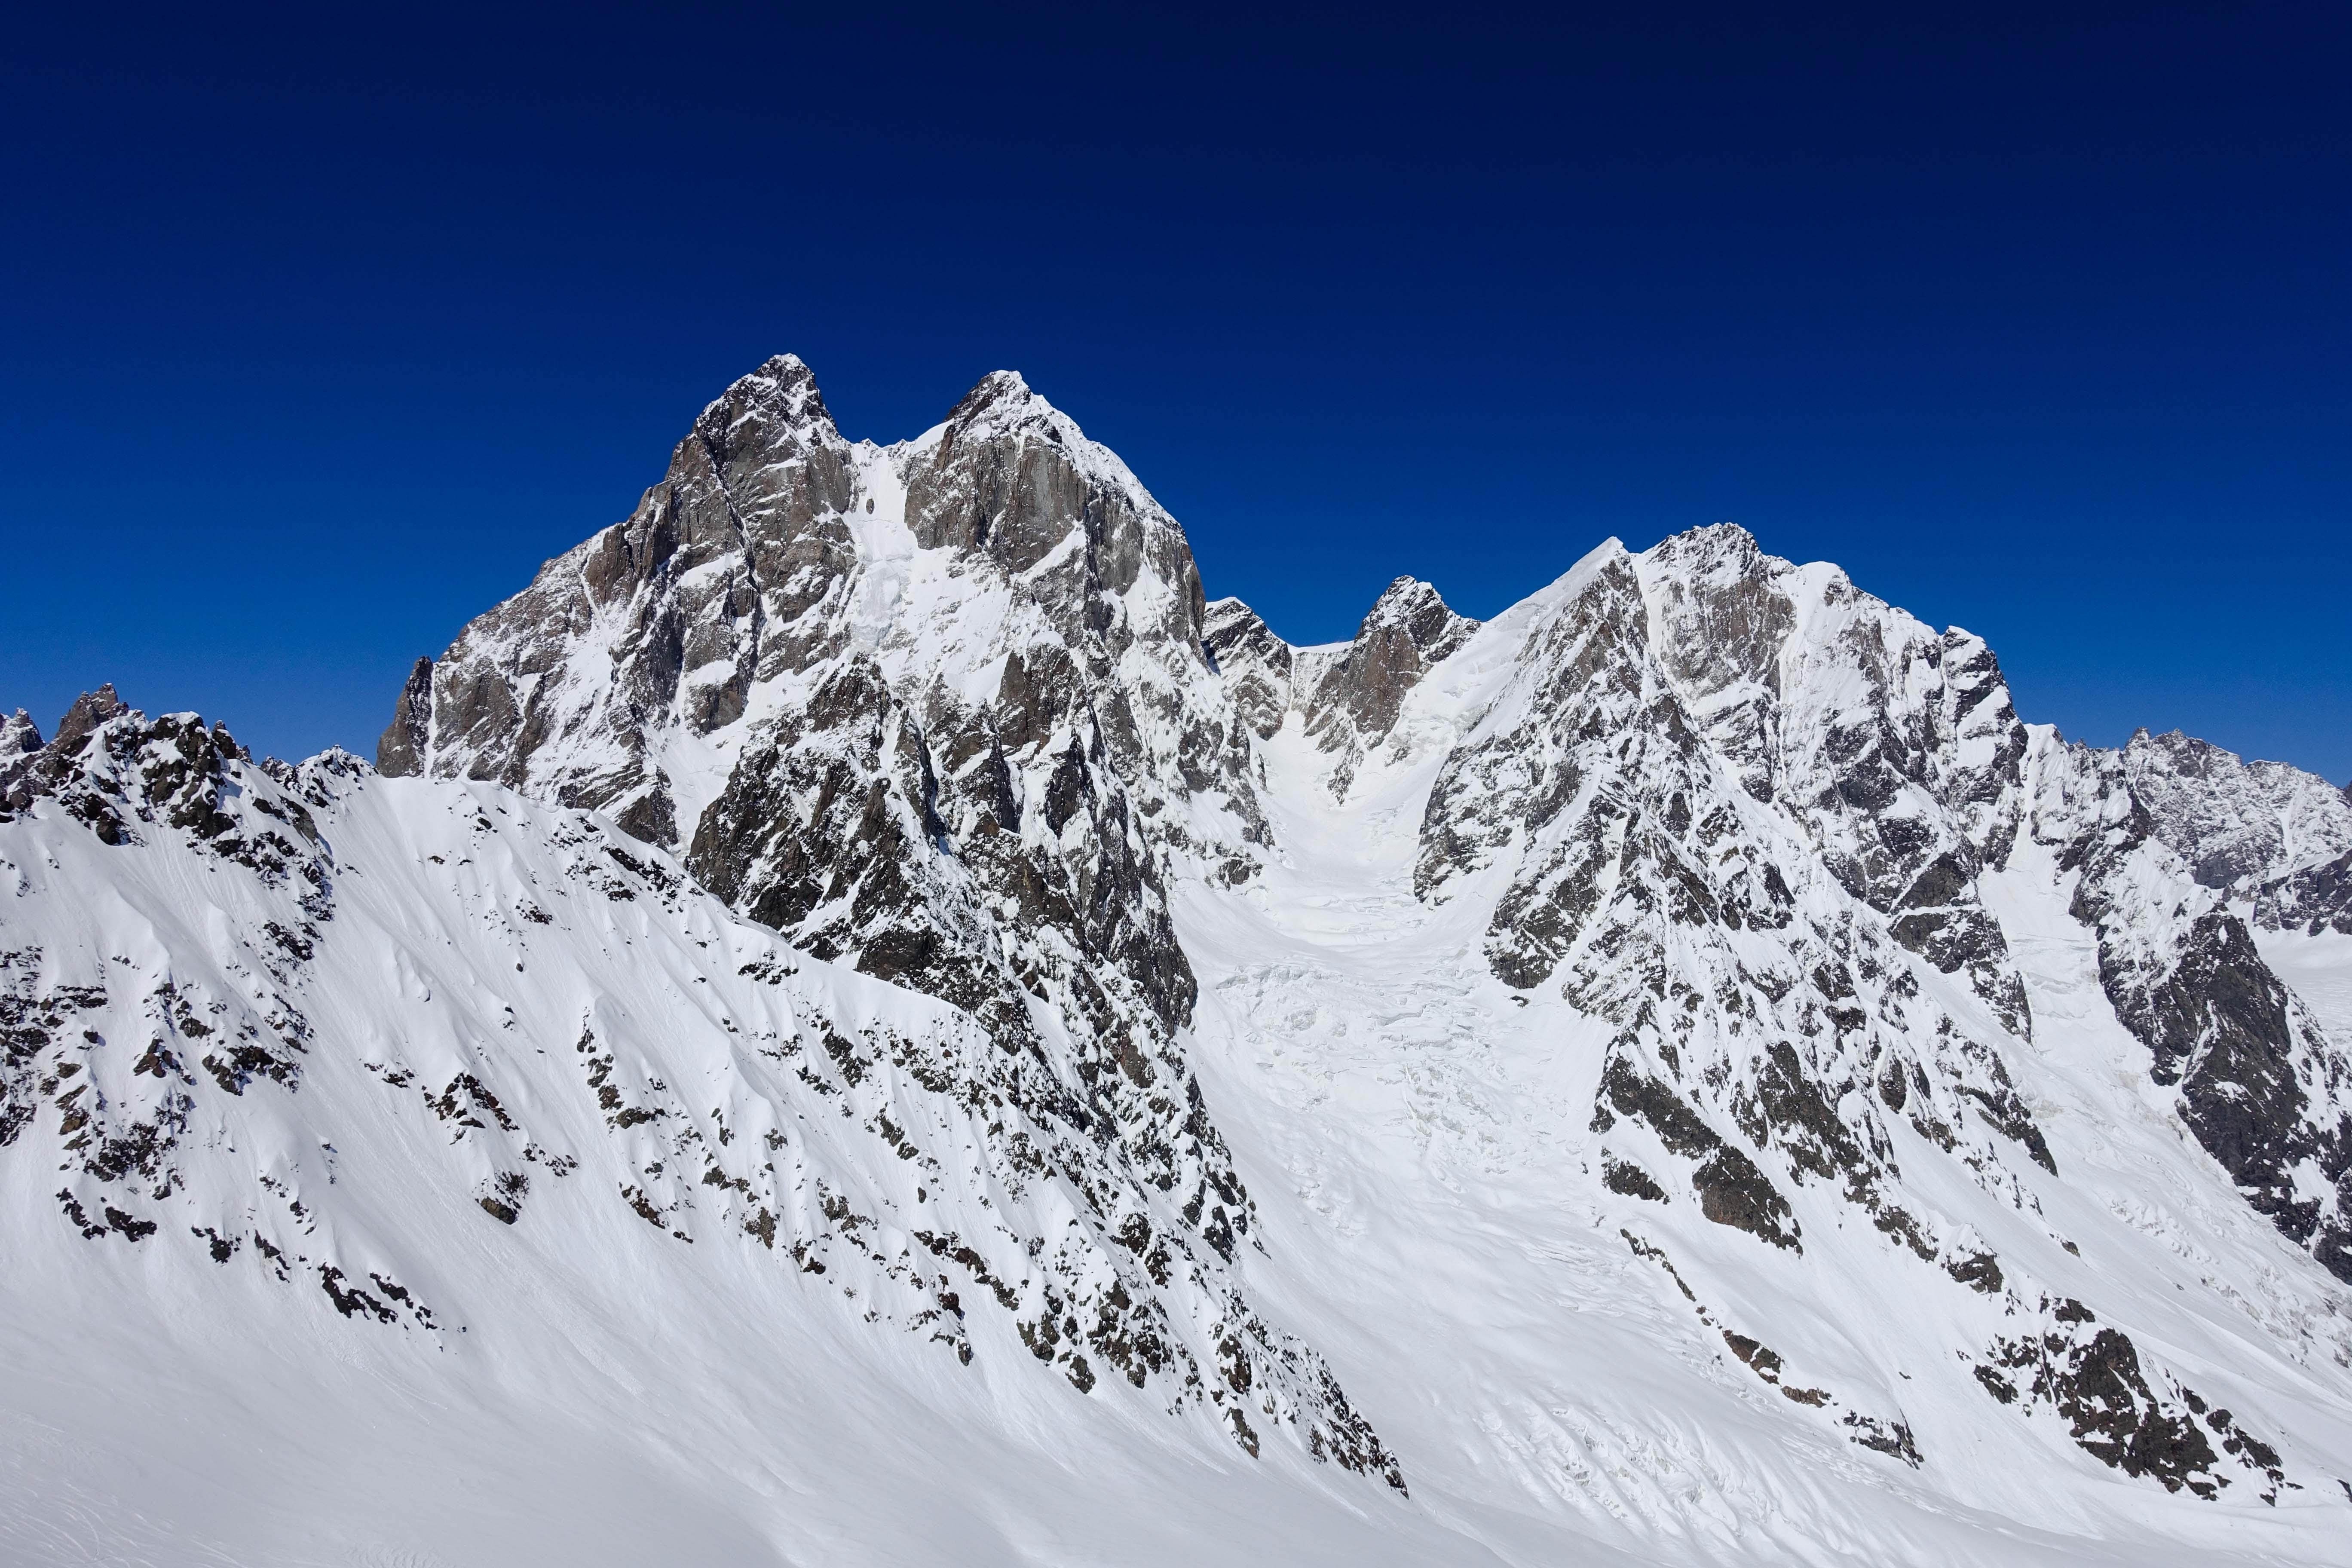 Skitourenreise Swanetien